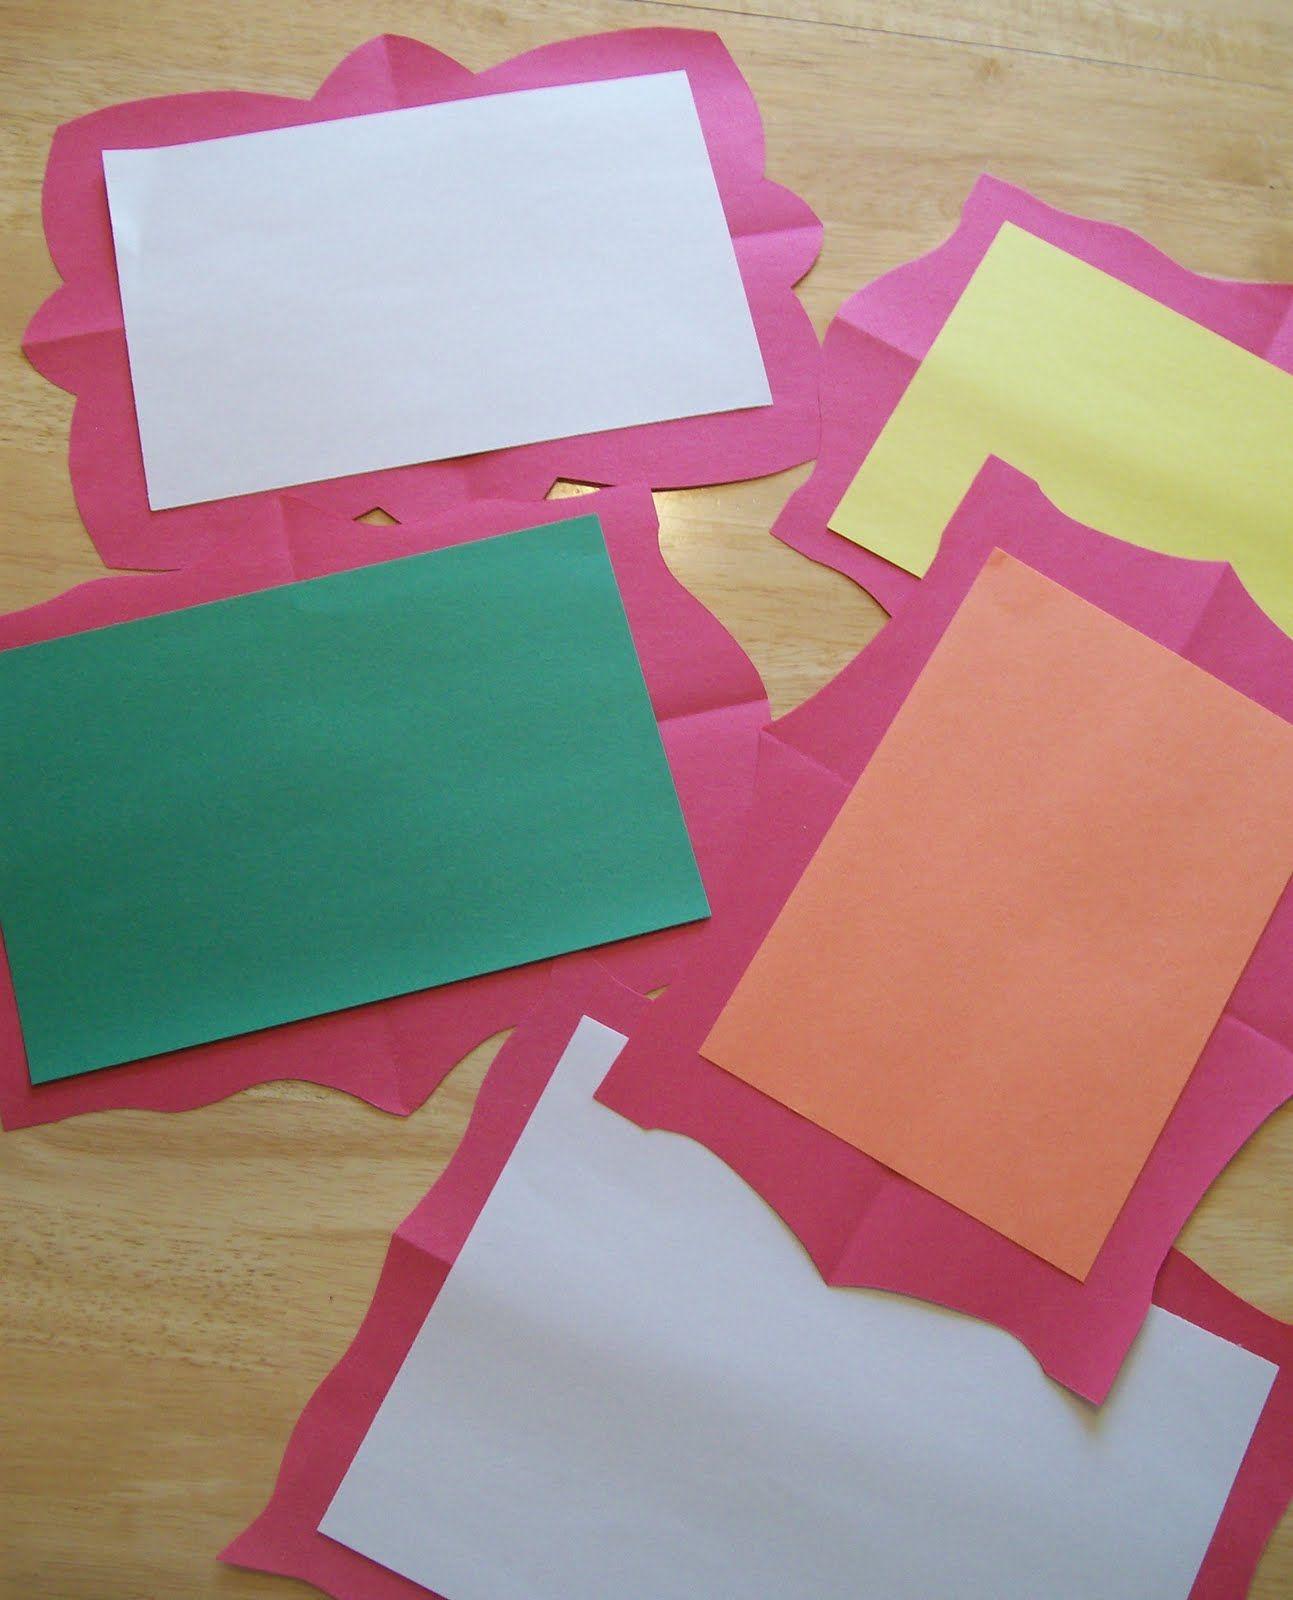 symmetrical paper frames for children's artfold construction